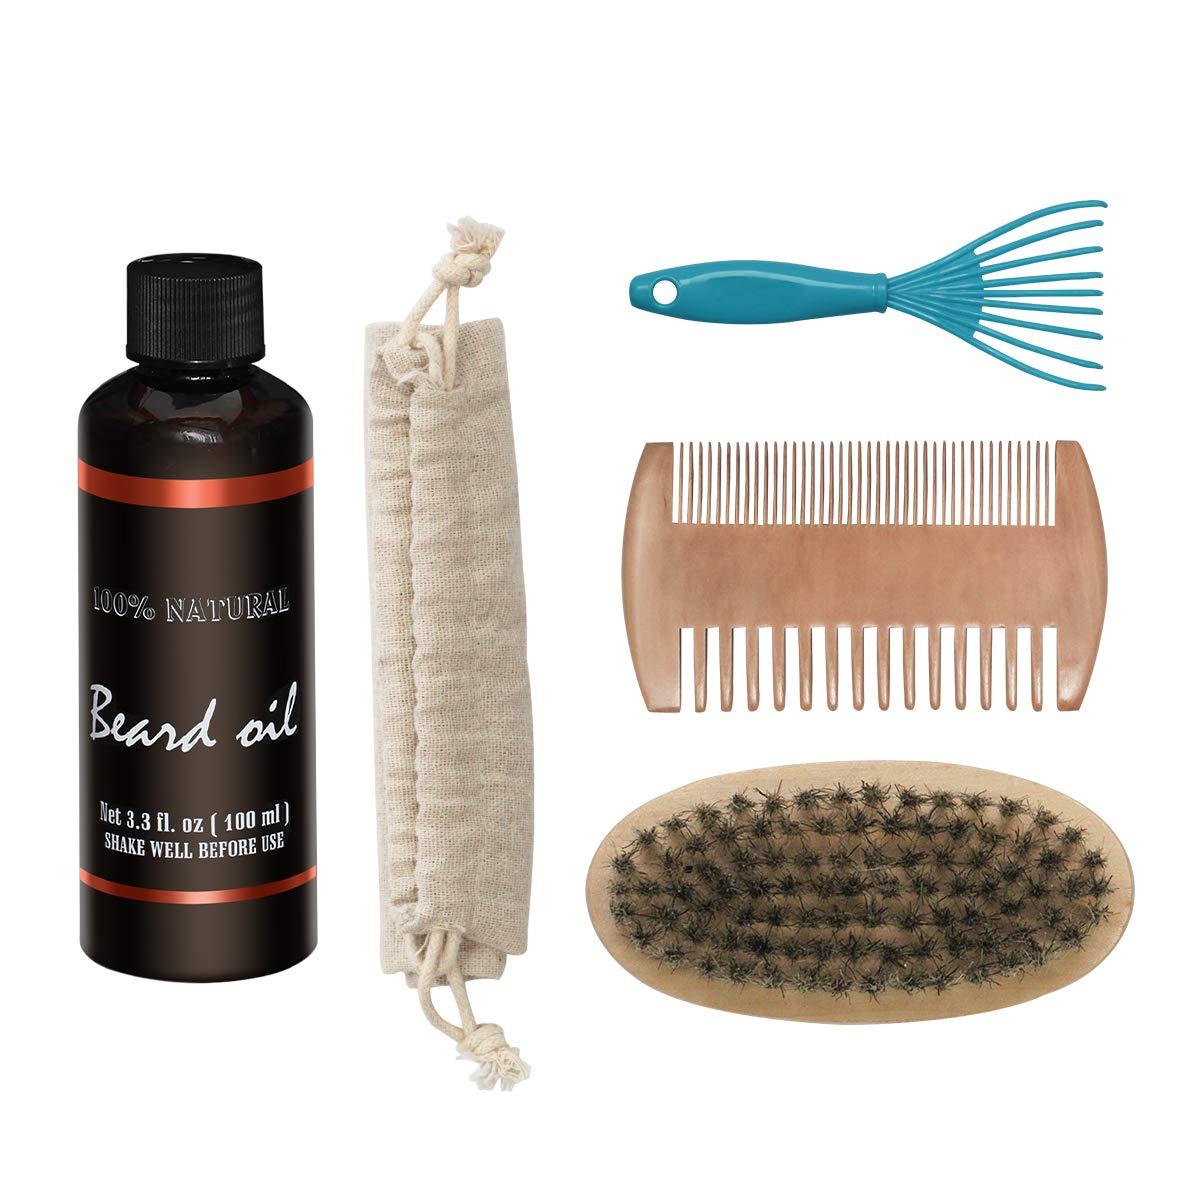 Bartpflege Set, iFanze Bartöl 100mL Fresh Scent, Bartkamm, Bartbürste, Bartbürste Reinigungswerkzeug für bart herren pflege Bartbürste